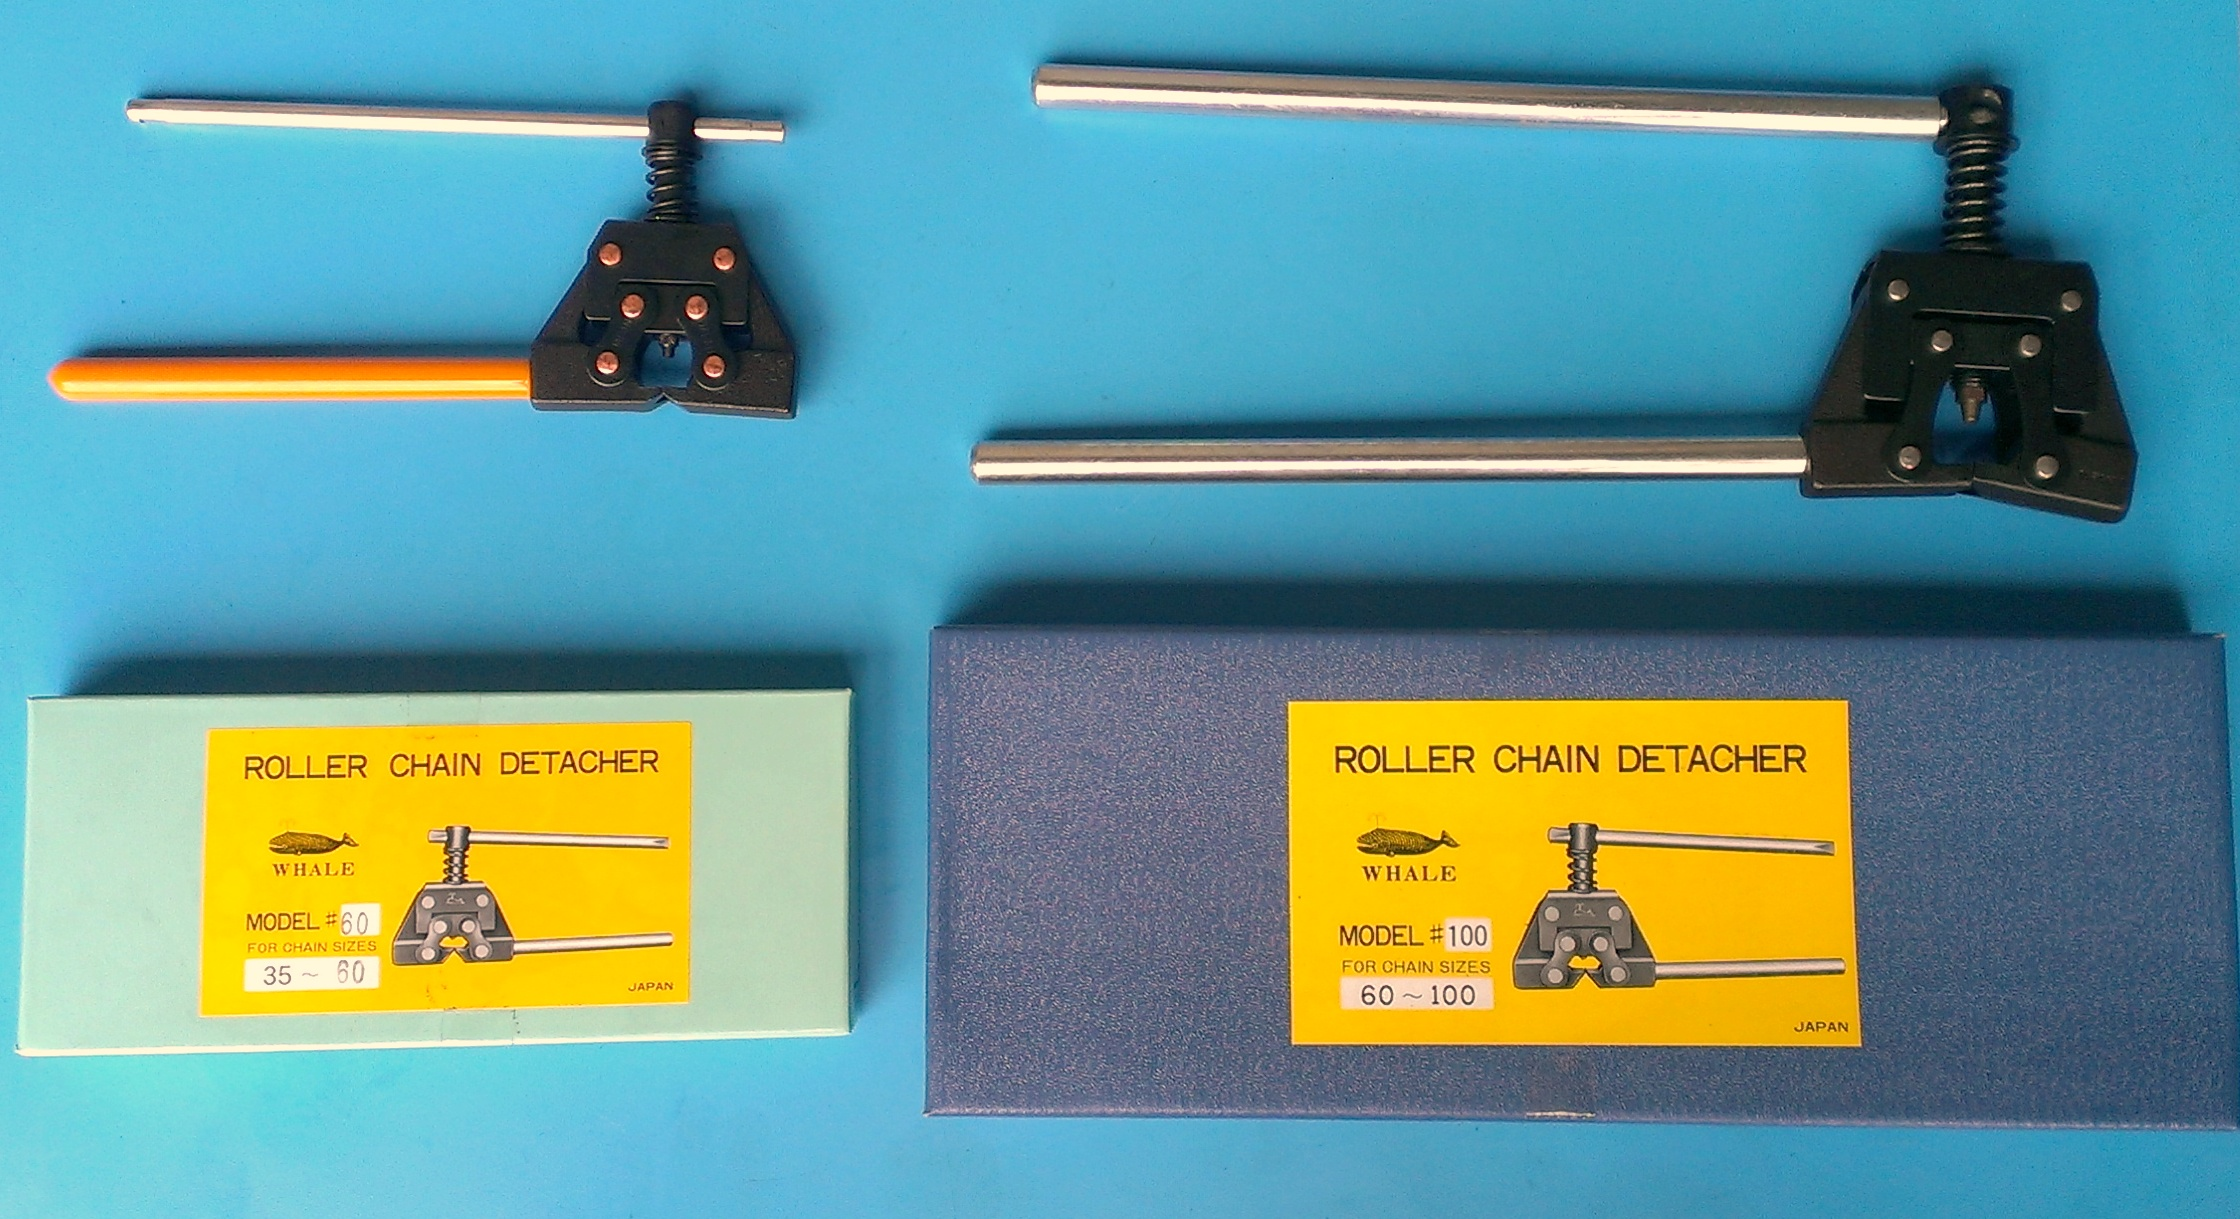 roller chains detacher